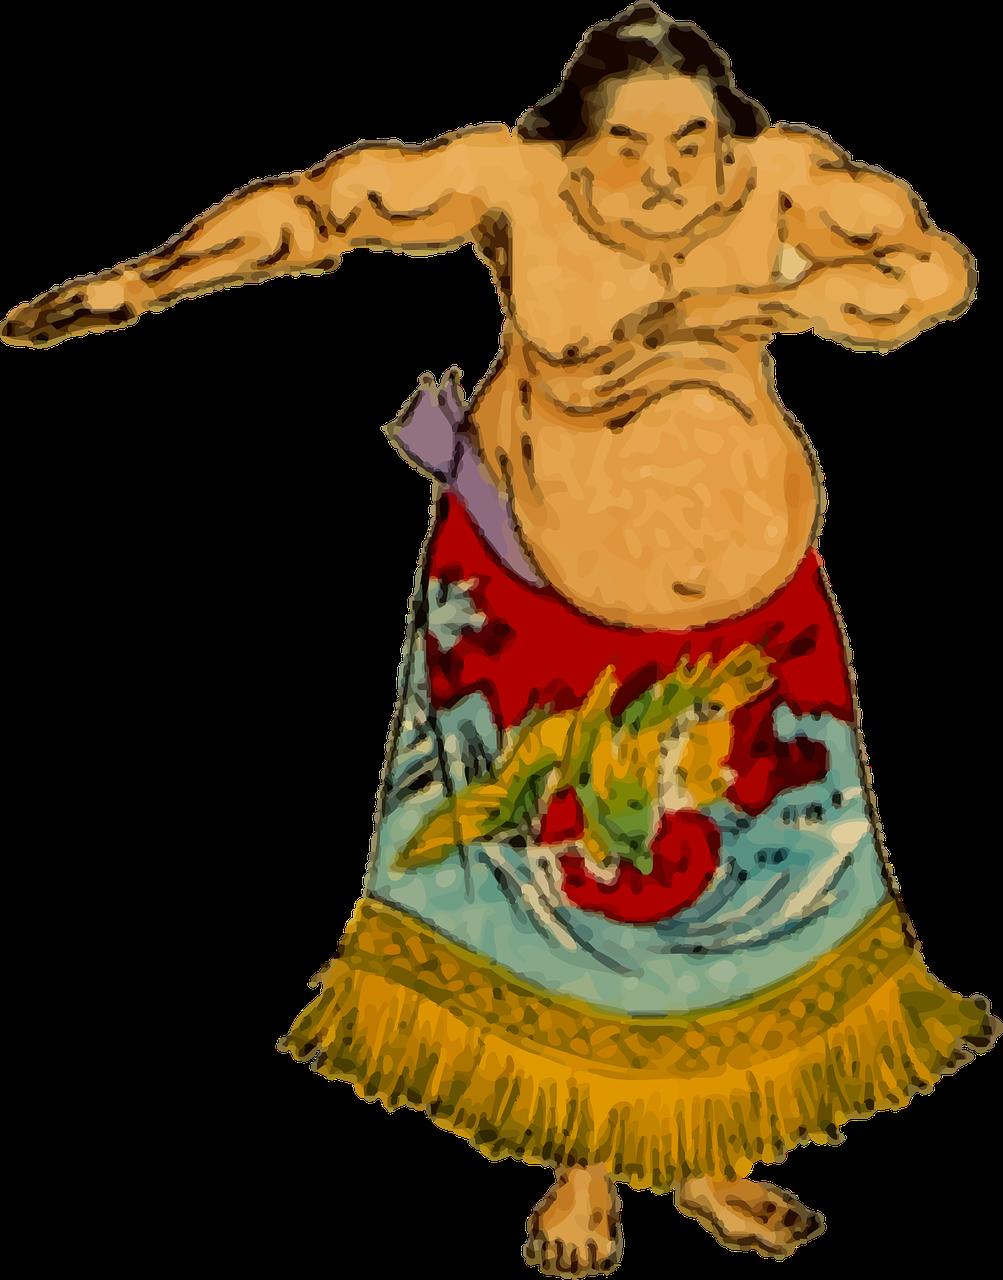 相撲から学ぶ!四肢踏みエクササイズで下半身から痩せ体質へ!